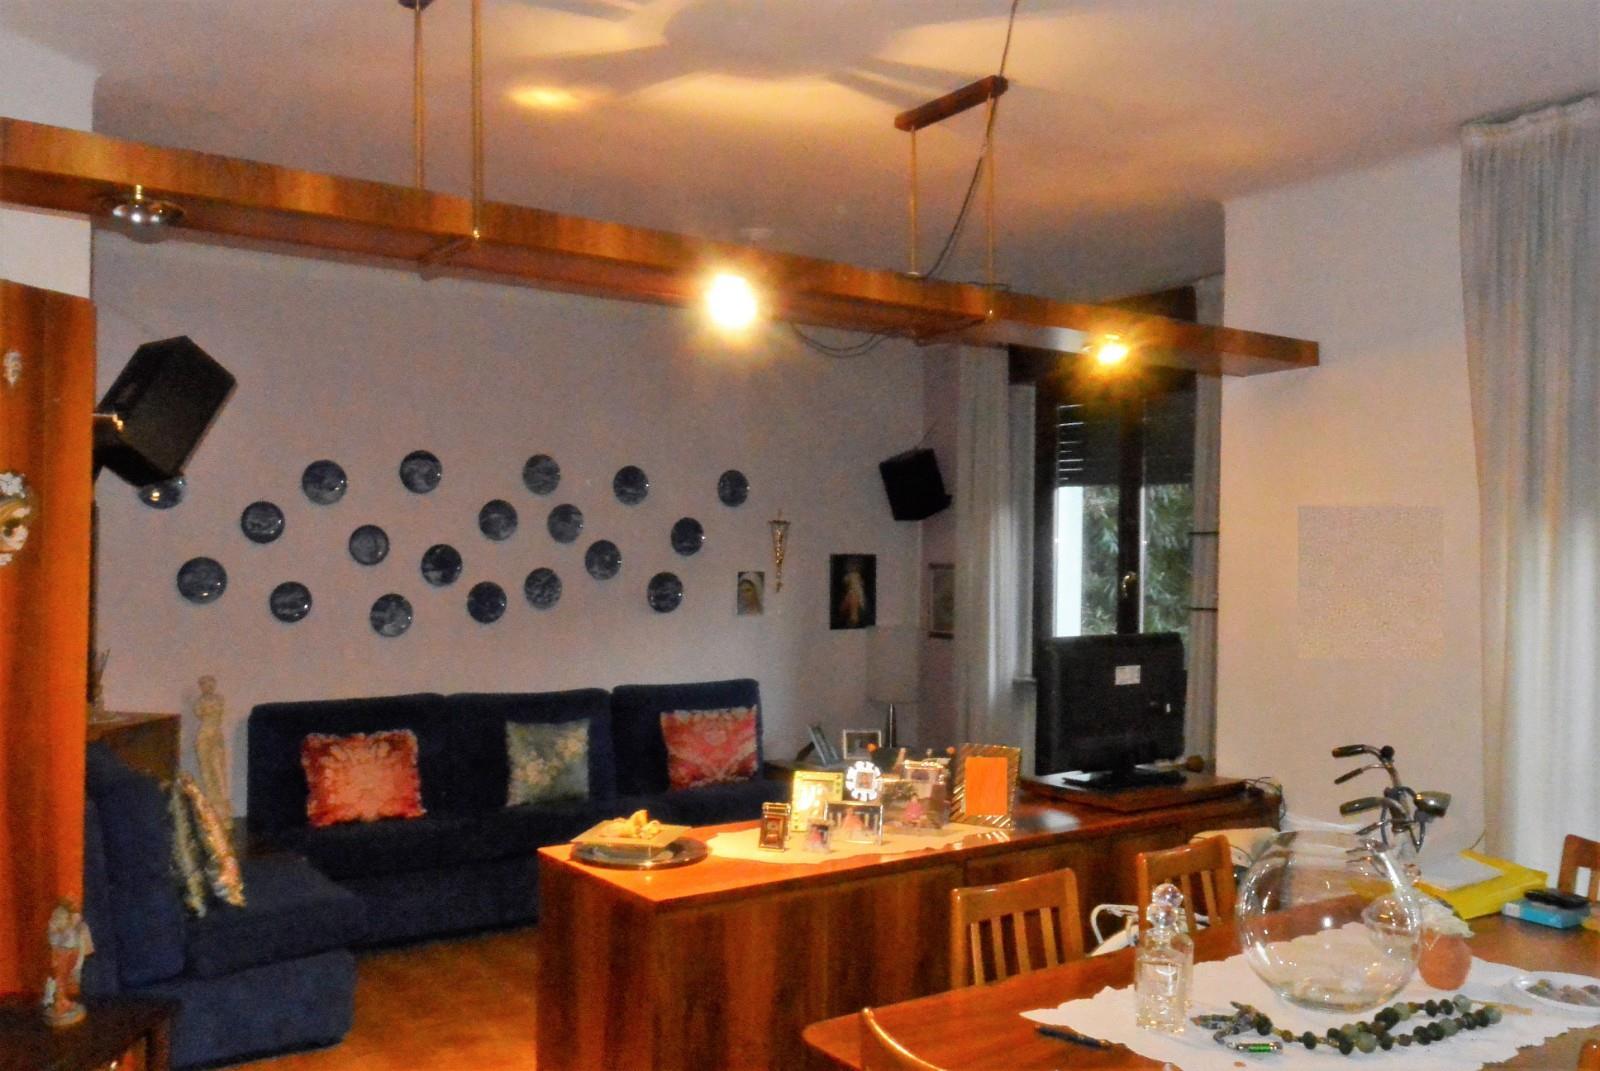 Foto 3 - Appartamento in Vendita - Meda (Monza e Brianza)